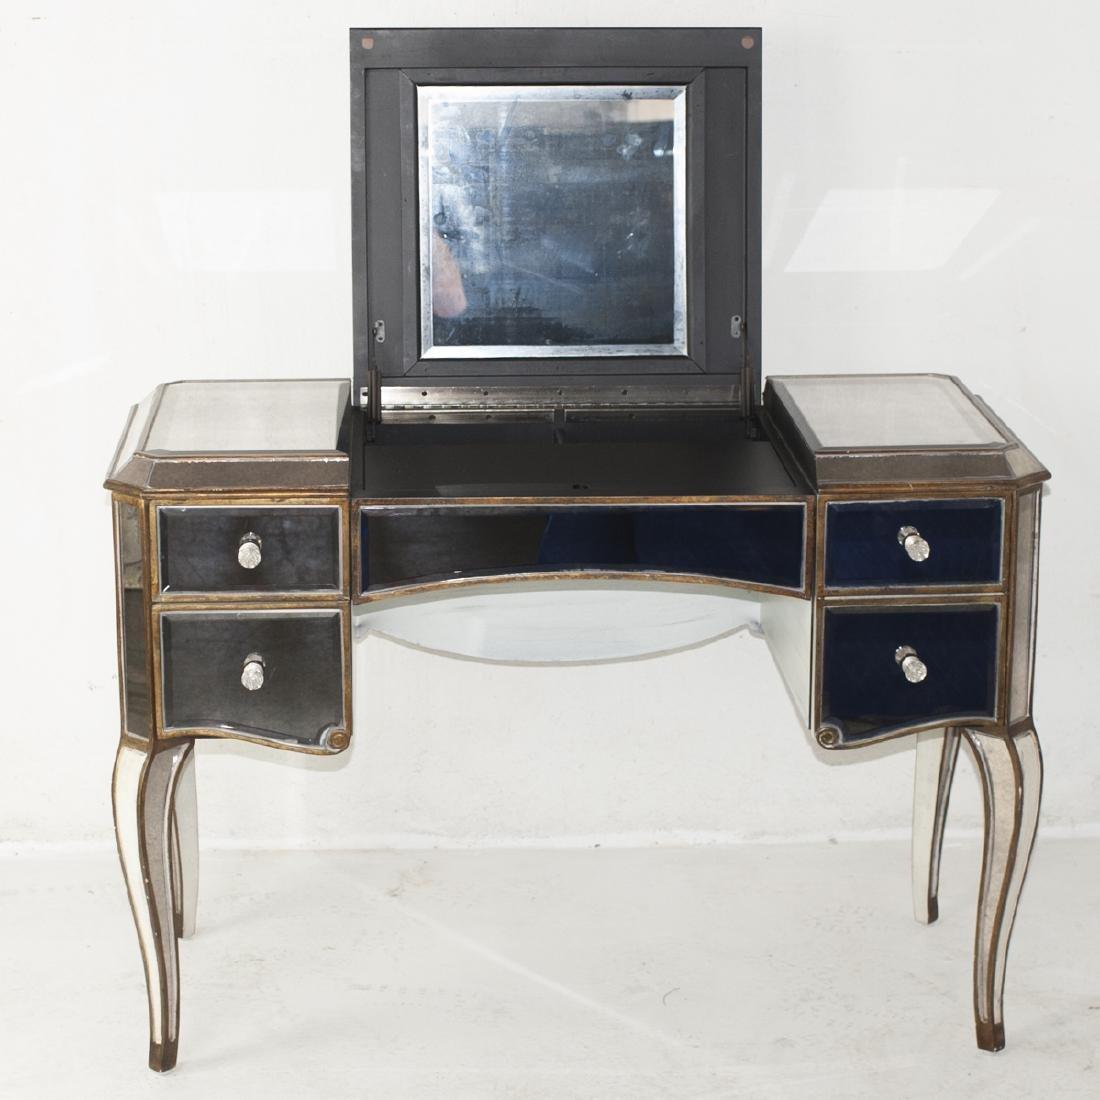 Vintage Wood & Mirror Vanity Desk